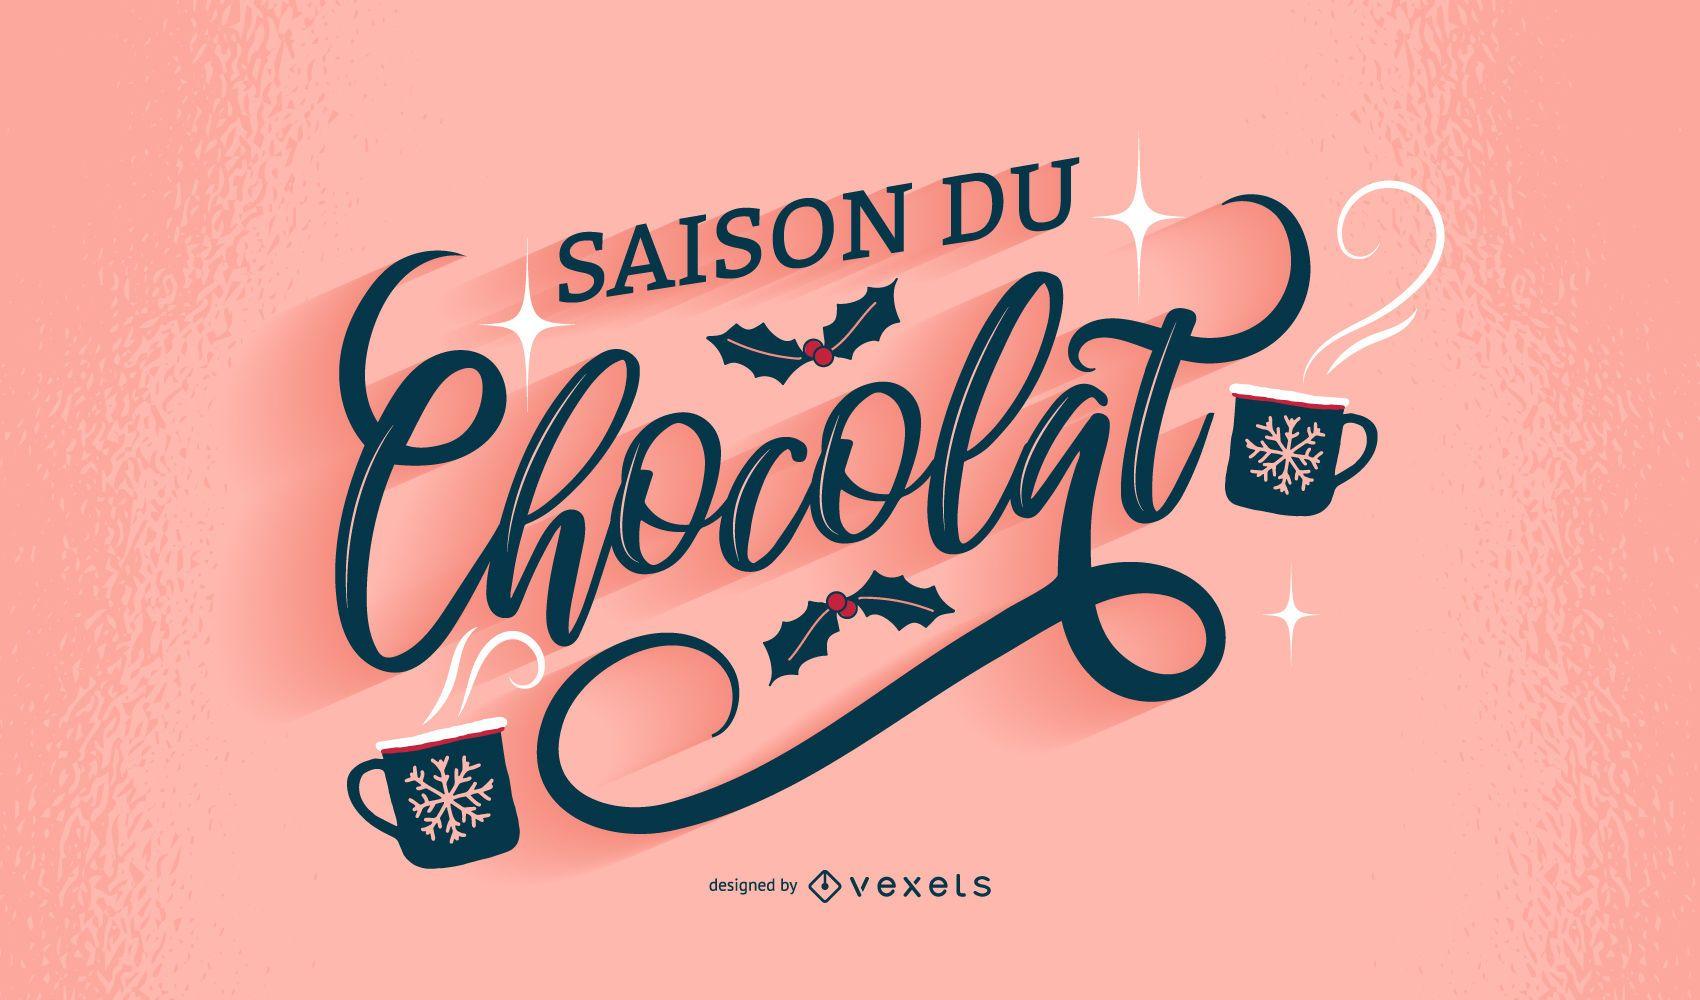 Diseño de letras francesas de la temporada de chocolate